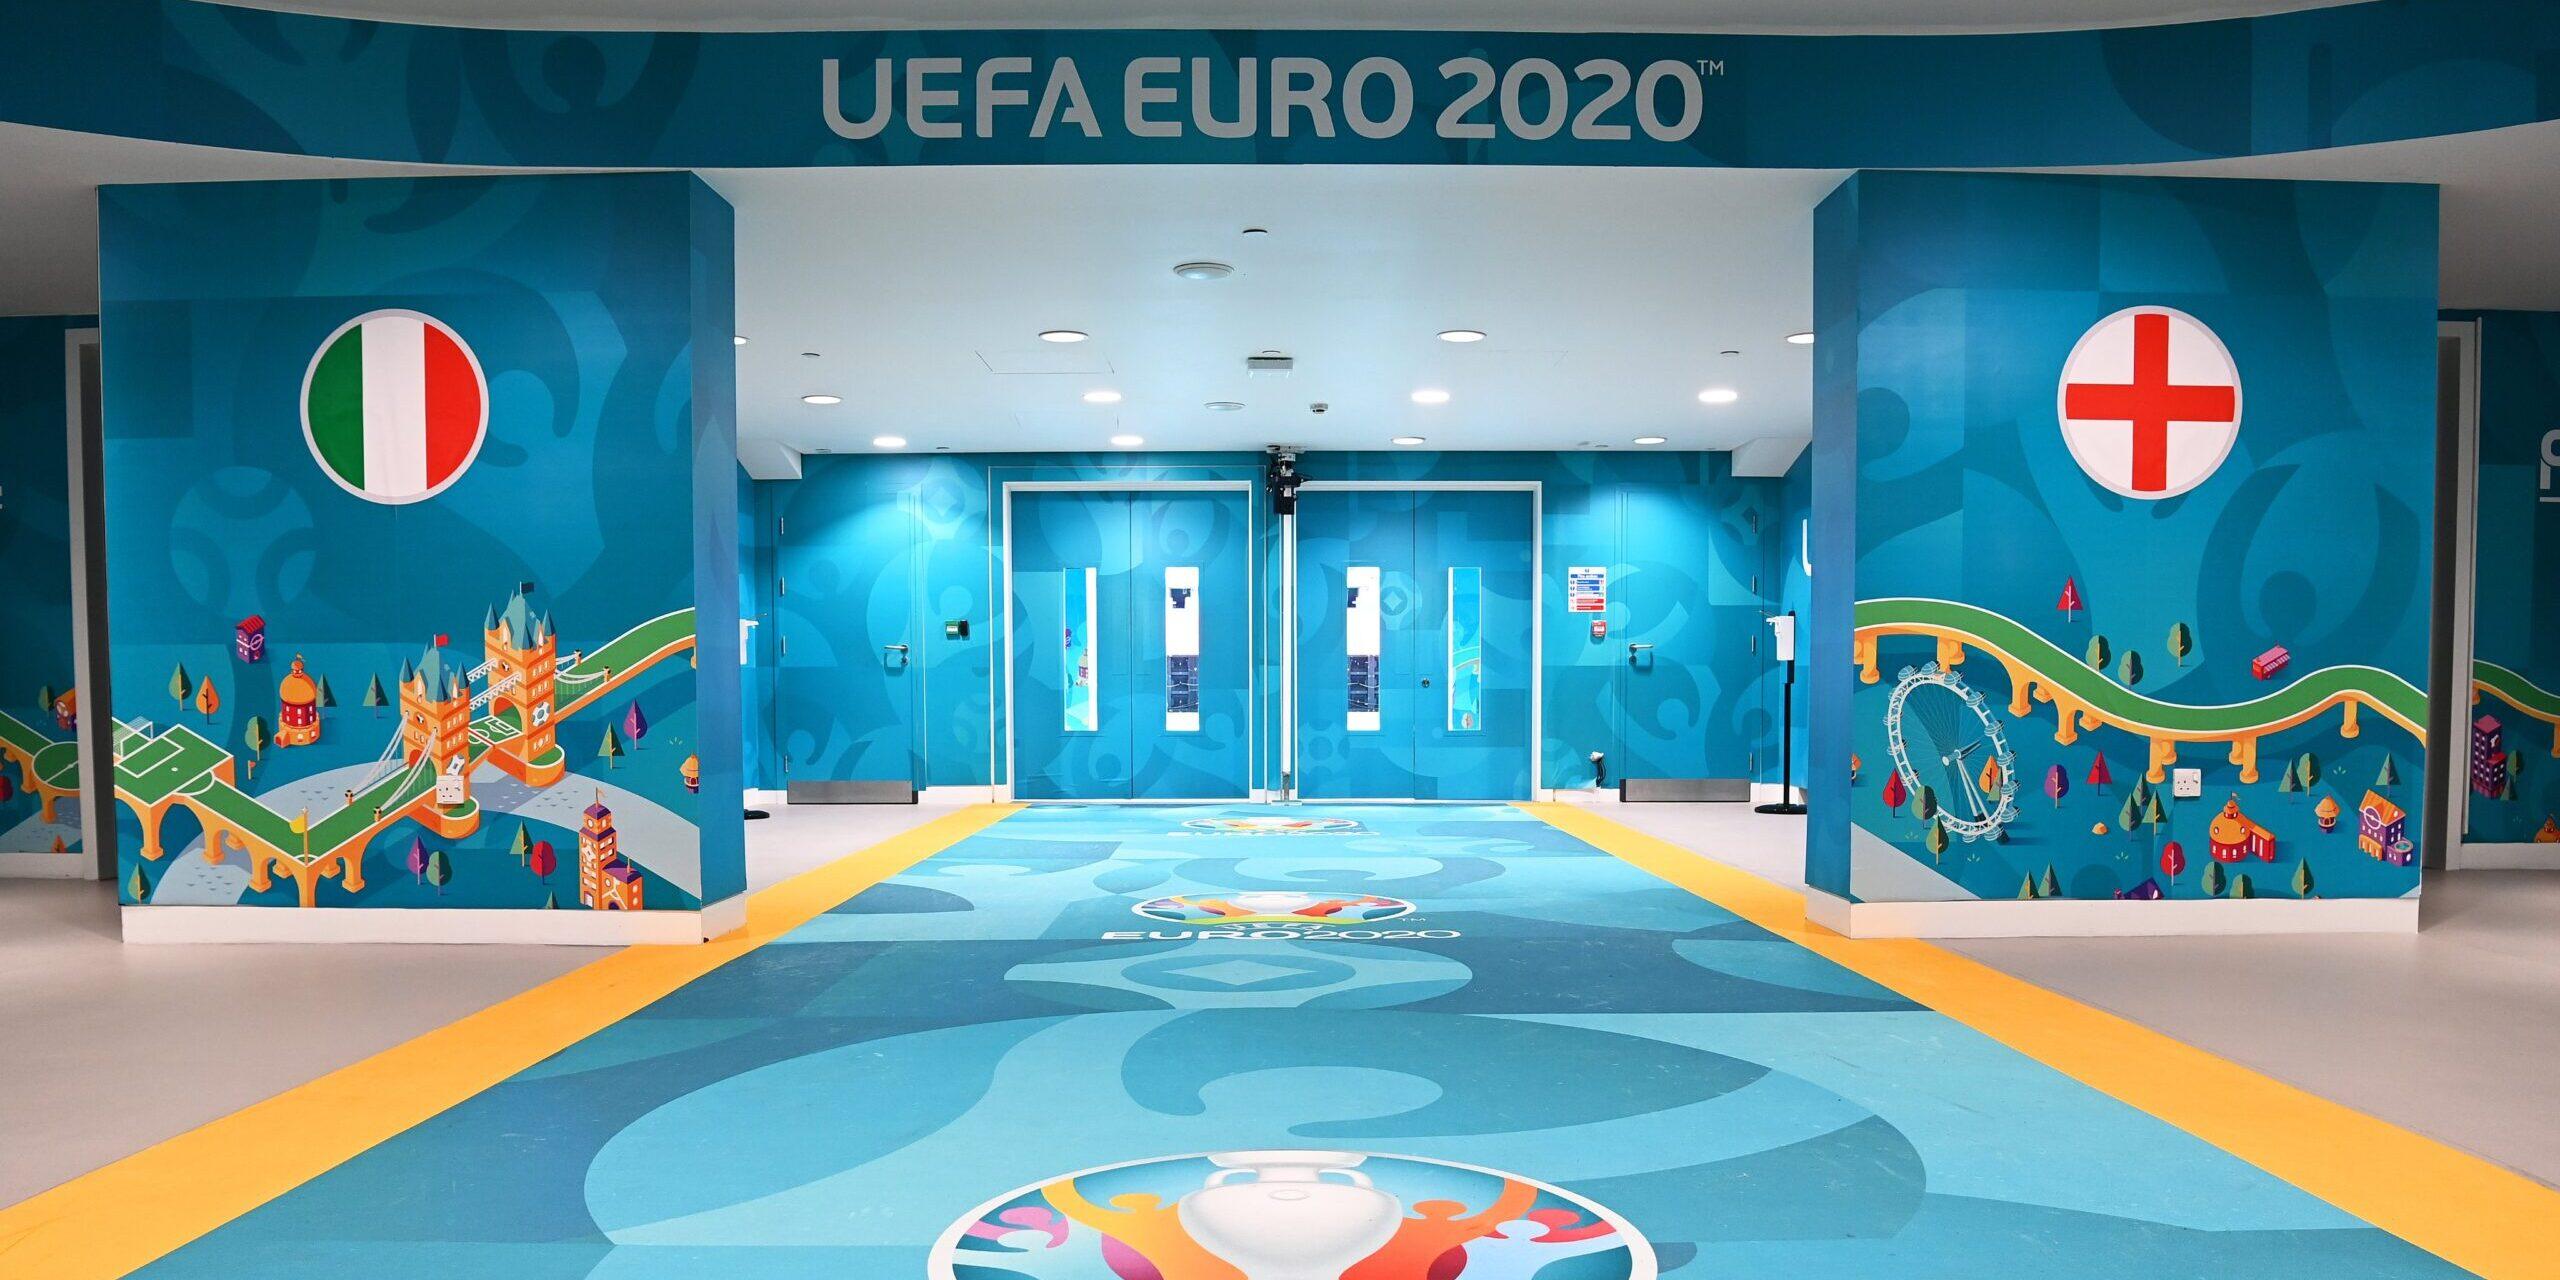 Avui es disputa la final de l'Eurocopa | @EURO2020